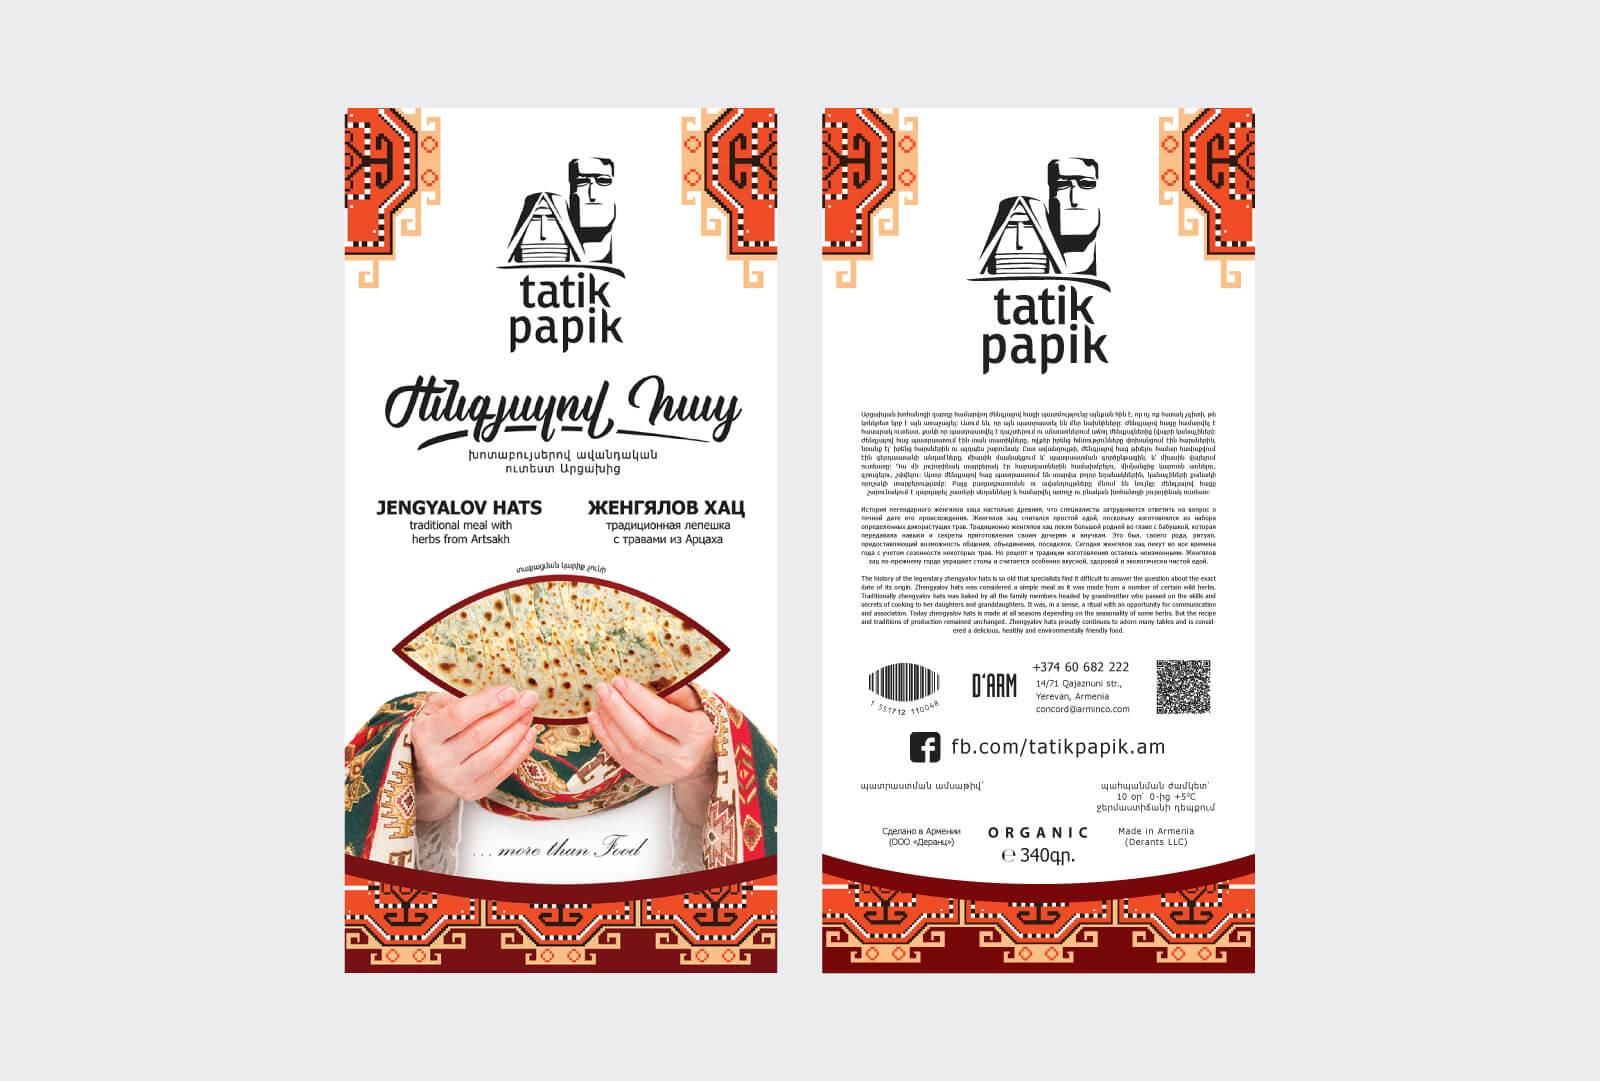 Создание логотипа Tatik Papik иупаковки «Женгялов хац»